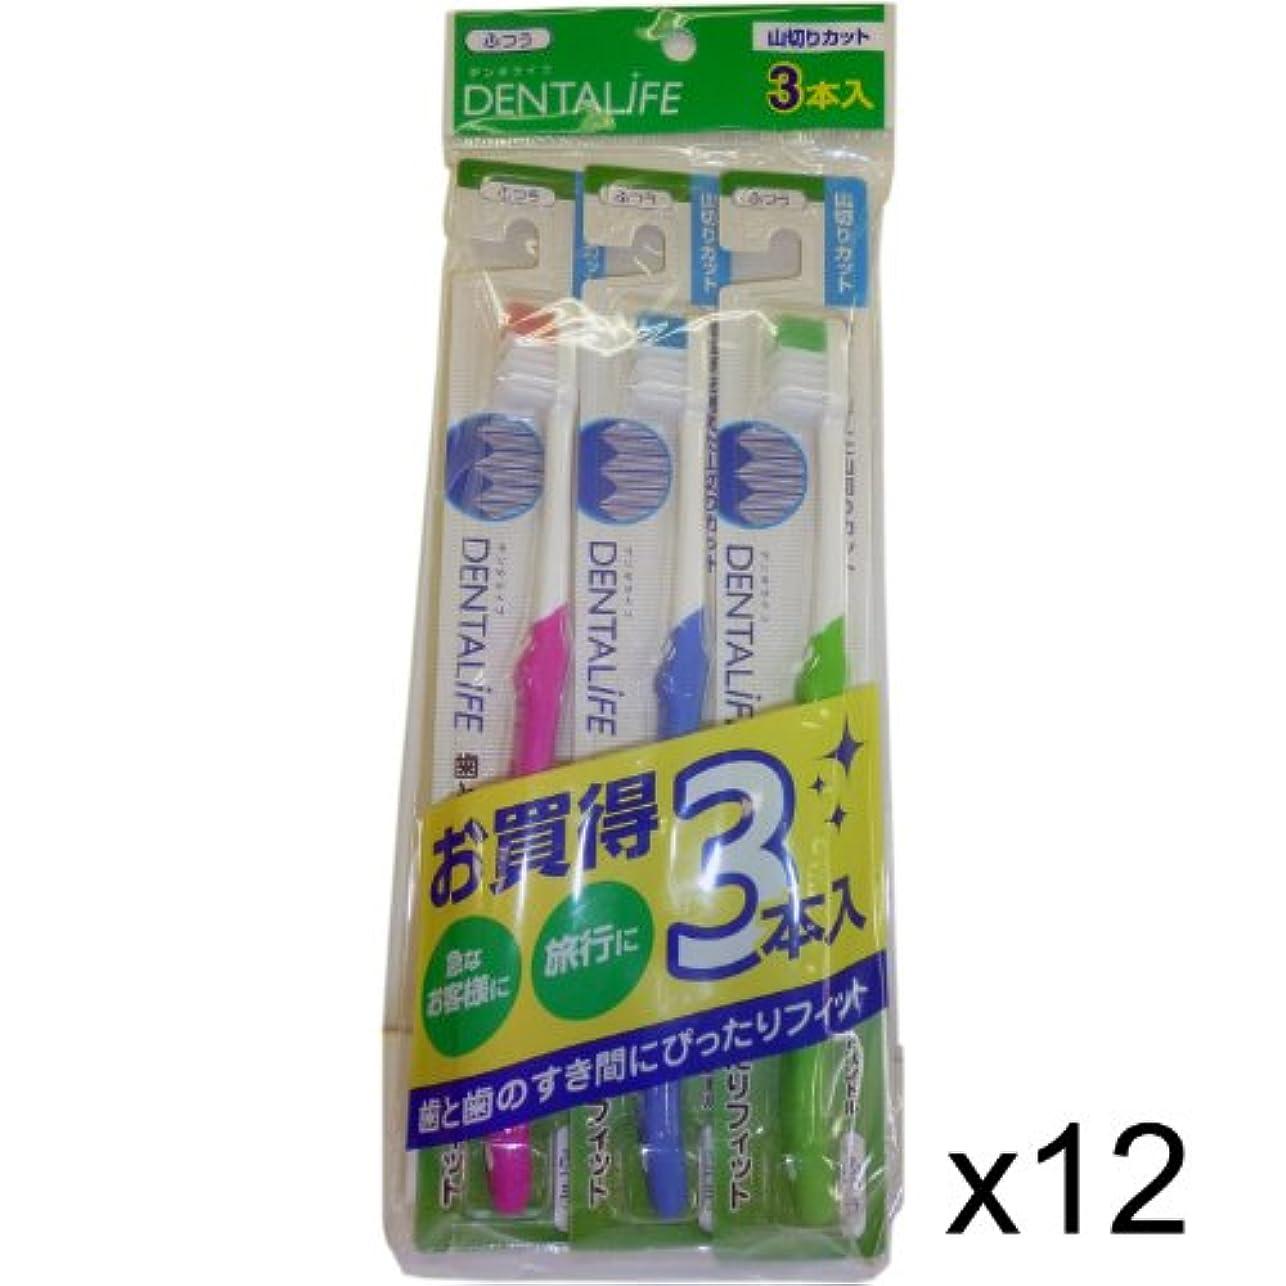 試す設計ガムお徳用 DELTALIFE(デンタライフ)山切り歯ブラシ ふつう 3P×12ヶセット(36本)